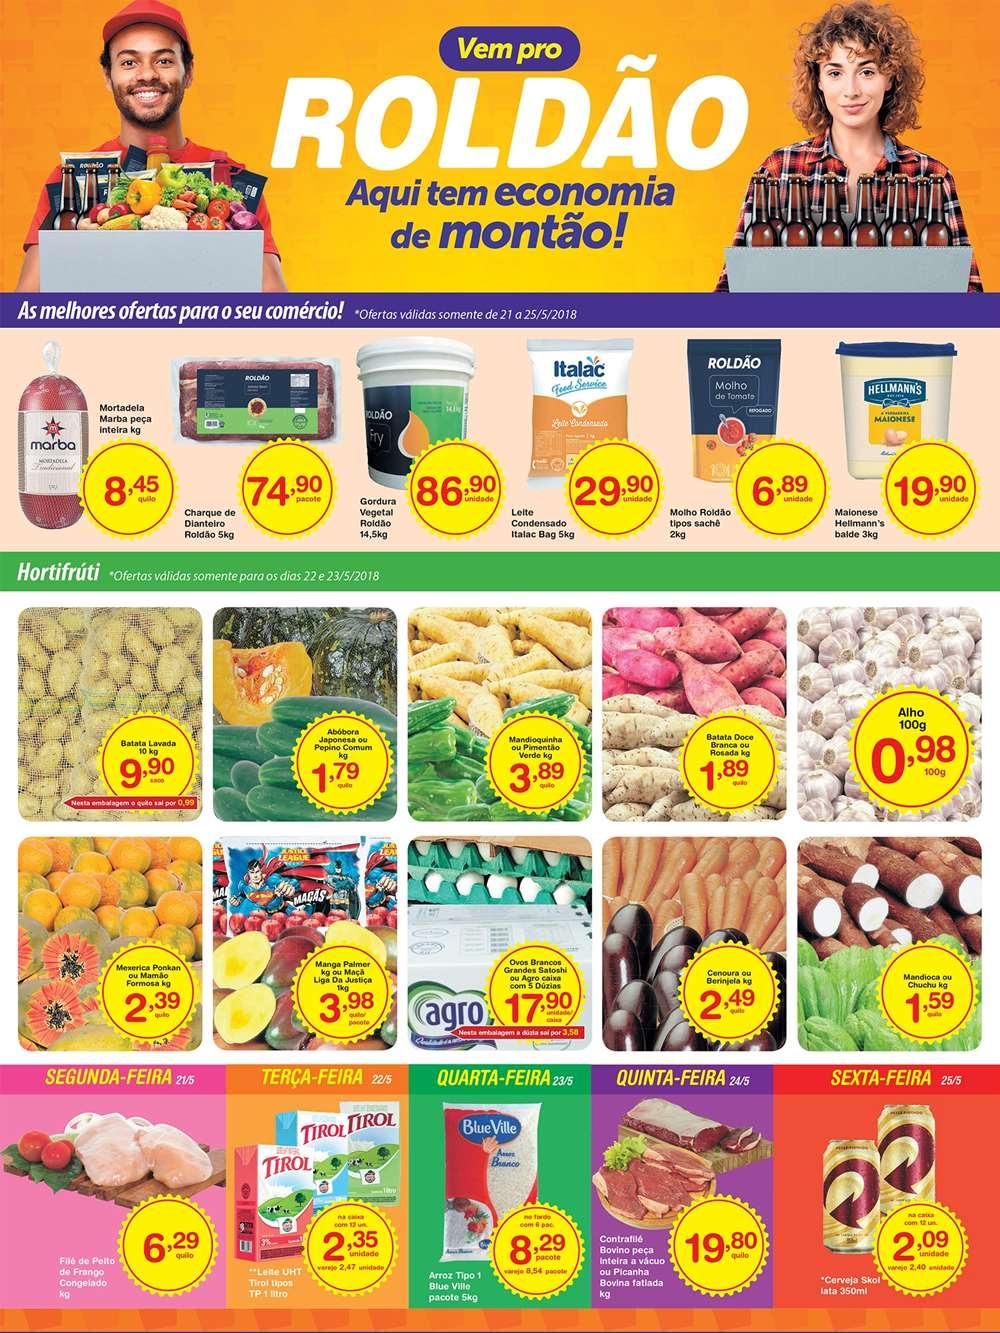 Ofertas-roldao1-2 Ofertas de Supermercados